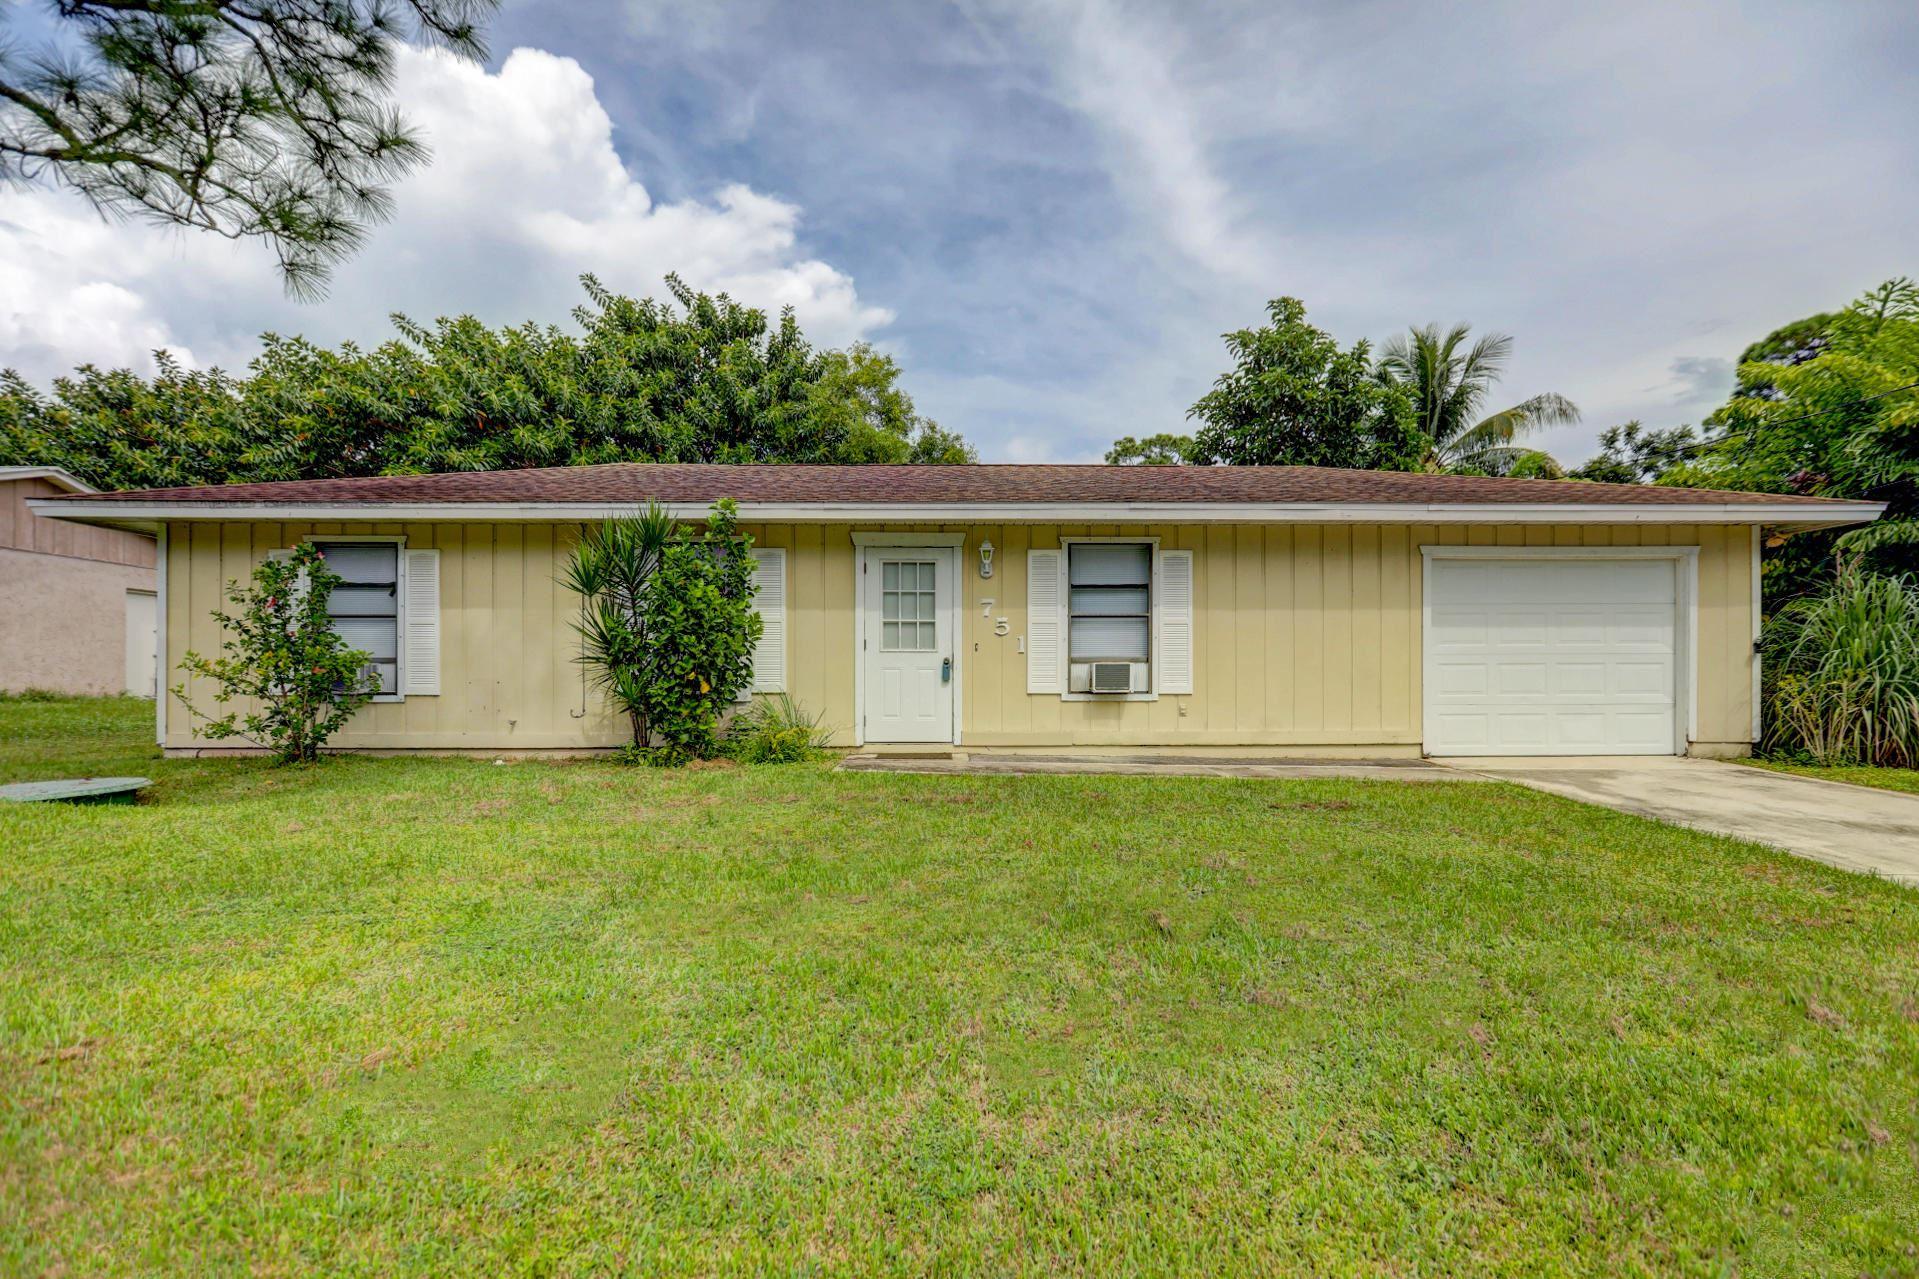 751 SE Voltair Terrace, Port Saint Lucie, FL 34983 - #: RX-10663409